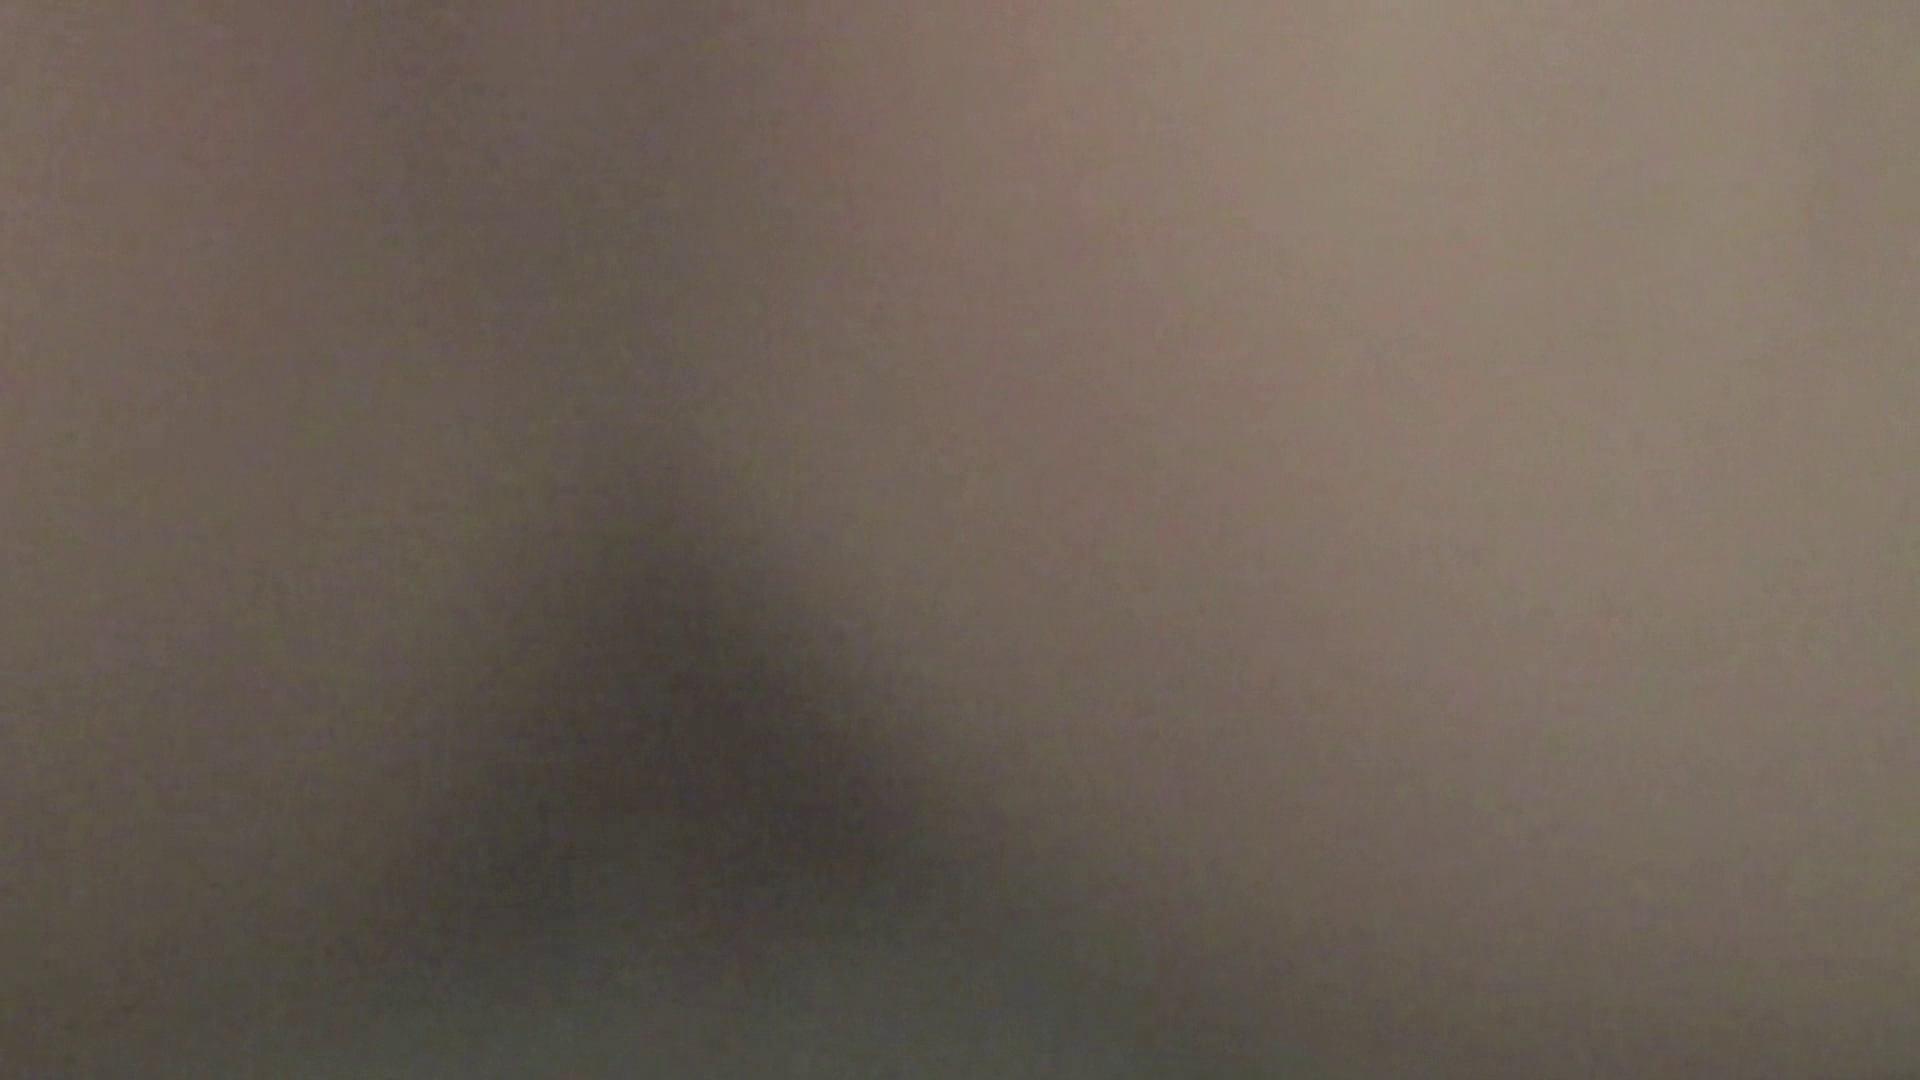 ロックハンドさんの盗撮記録File.36 マンコエロすぎ オマンコ動画キャプチャ 88PIX 42